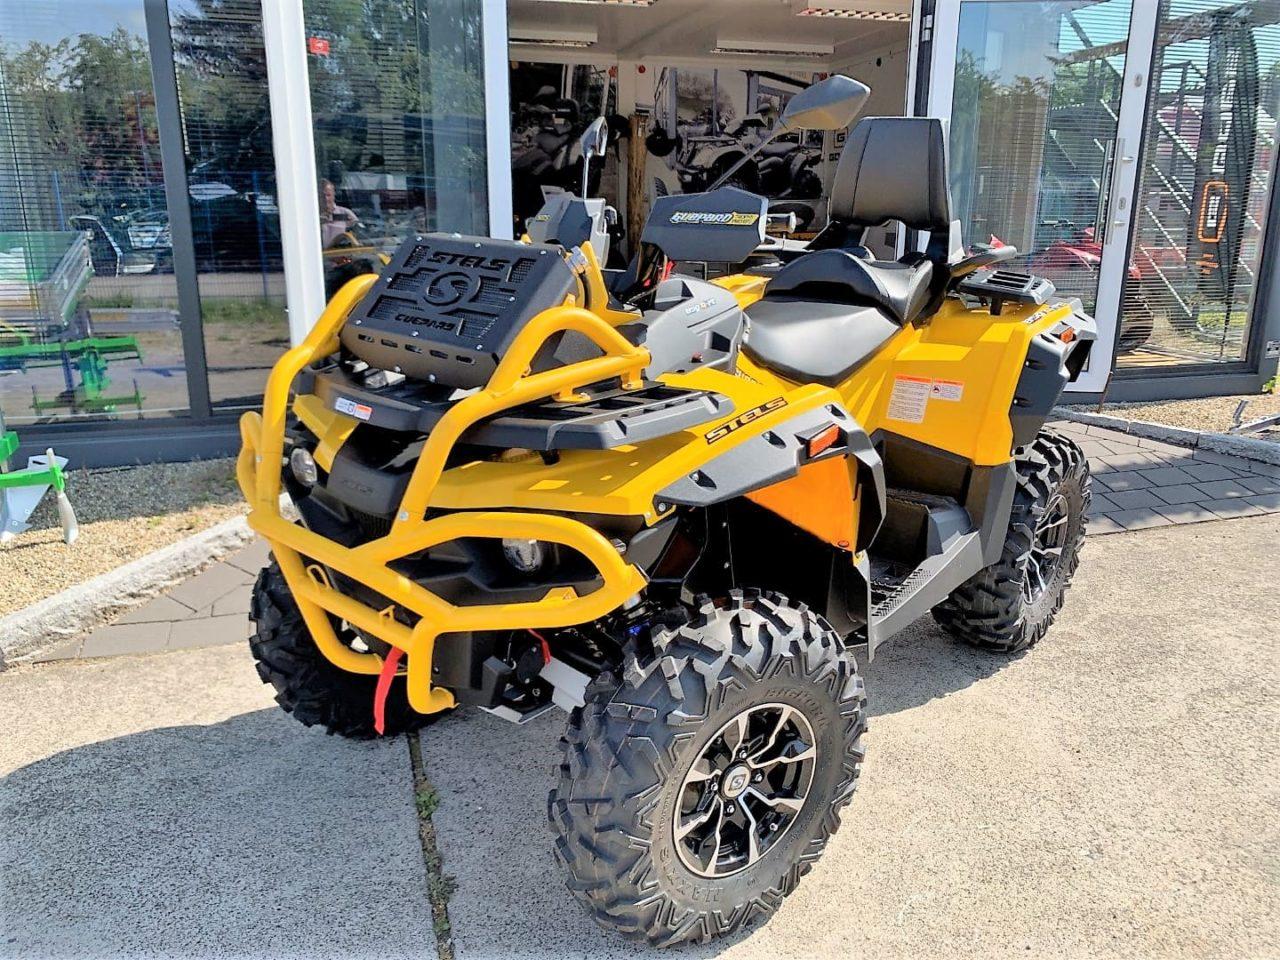 ATV / Quad Stels Guepard 850 G, 68 PS, 850 ccm, Frontbumper, LOF Zulassung